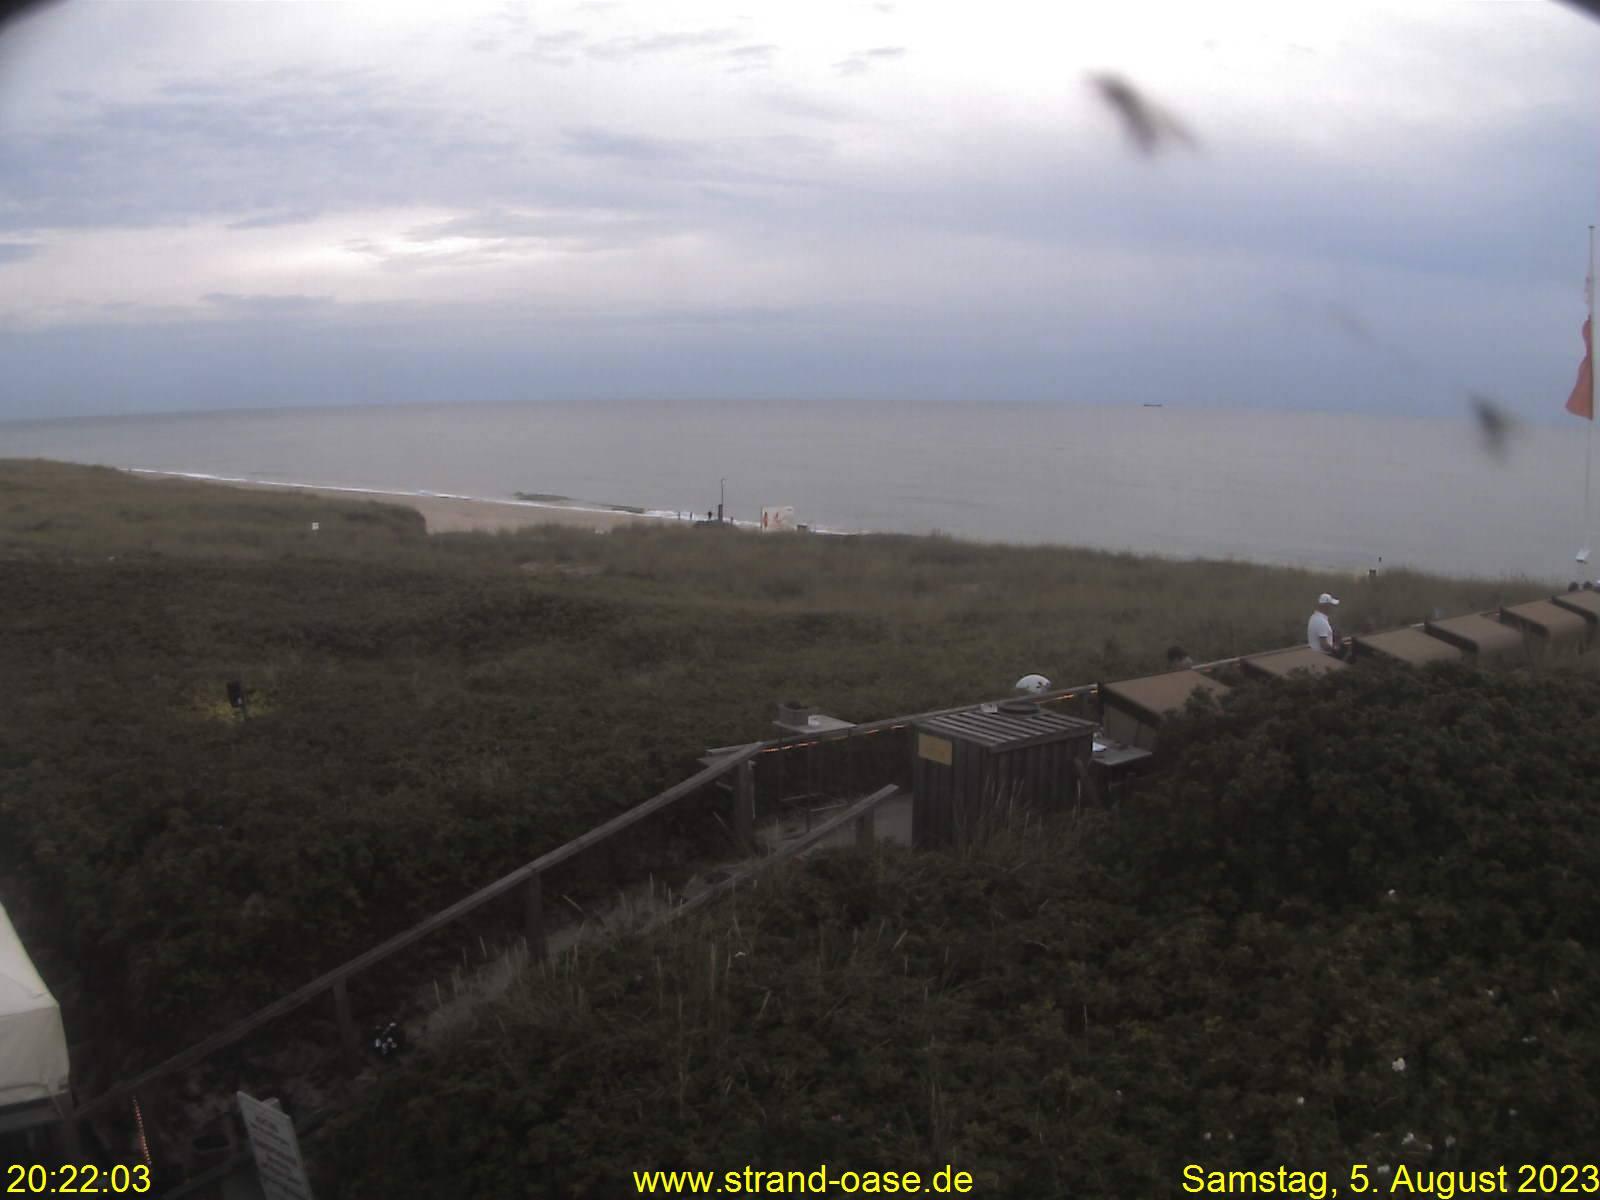 Westerland (Sylt) Sa. 20:22